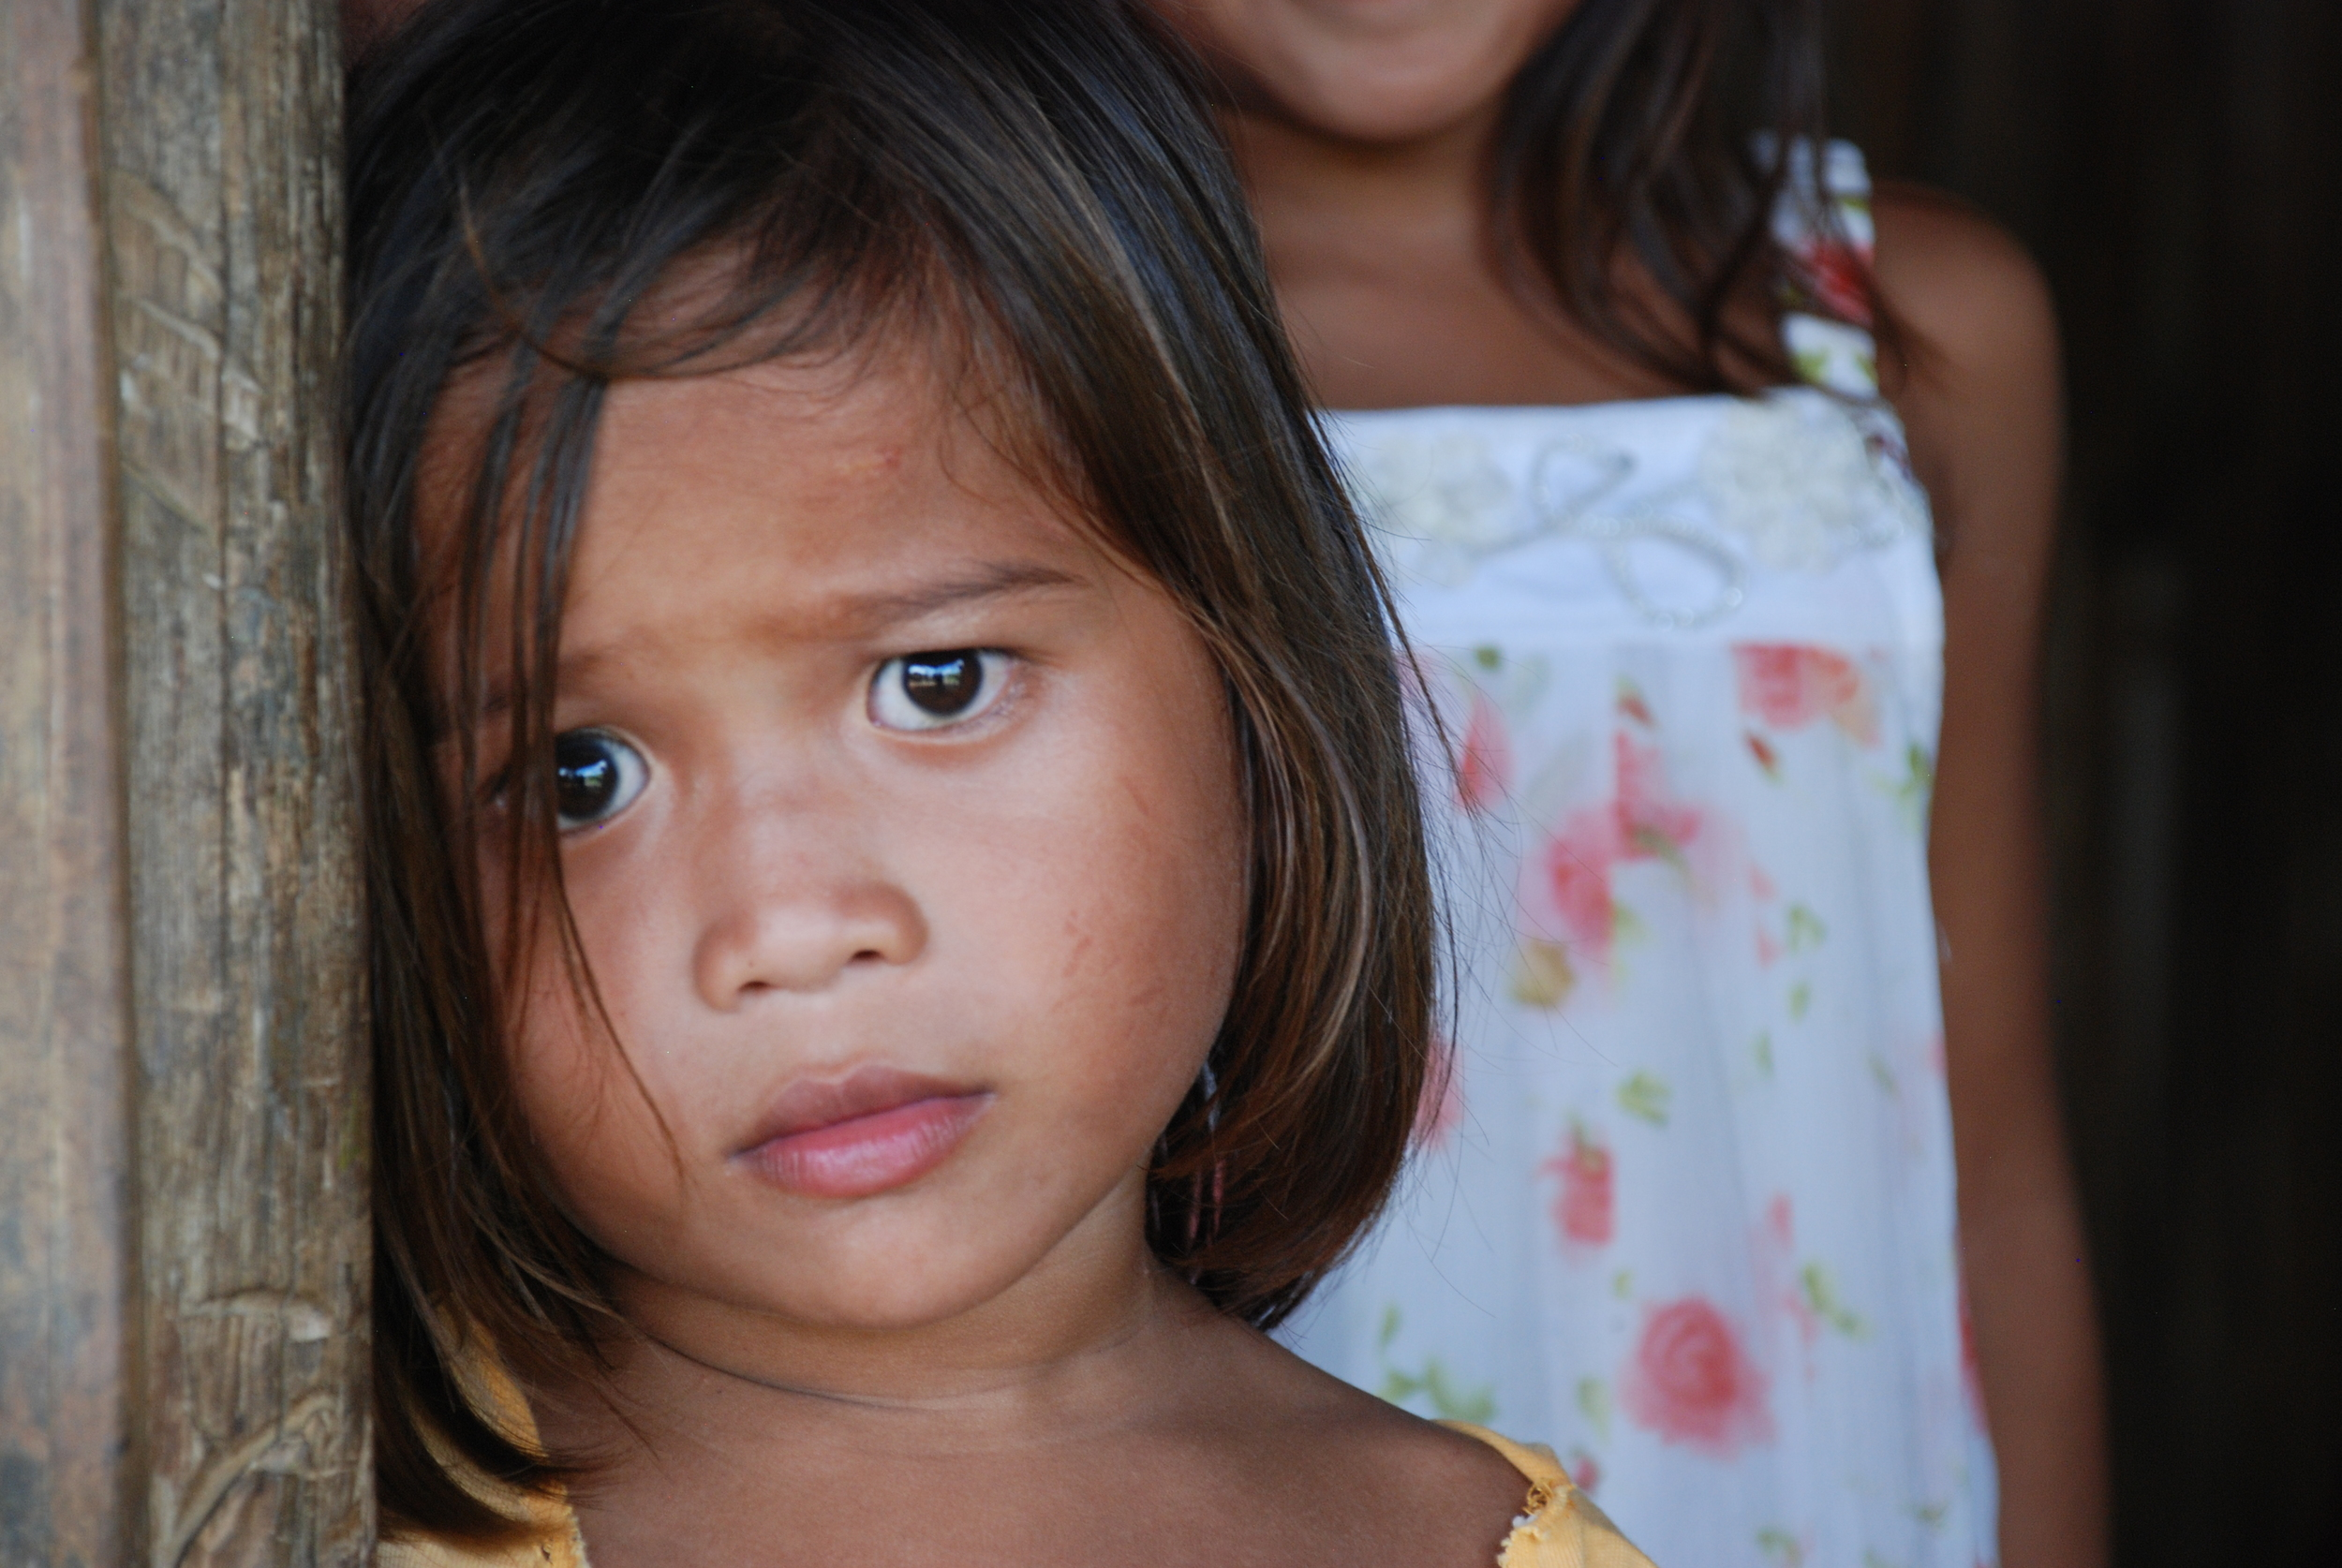 Children at risk matter